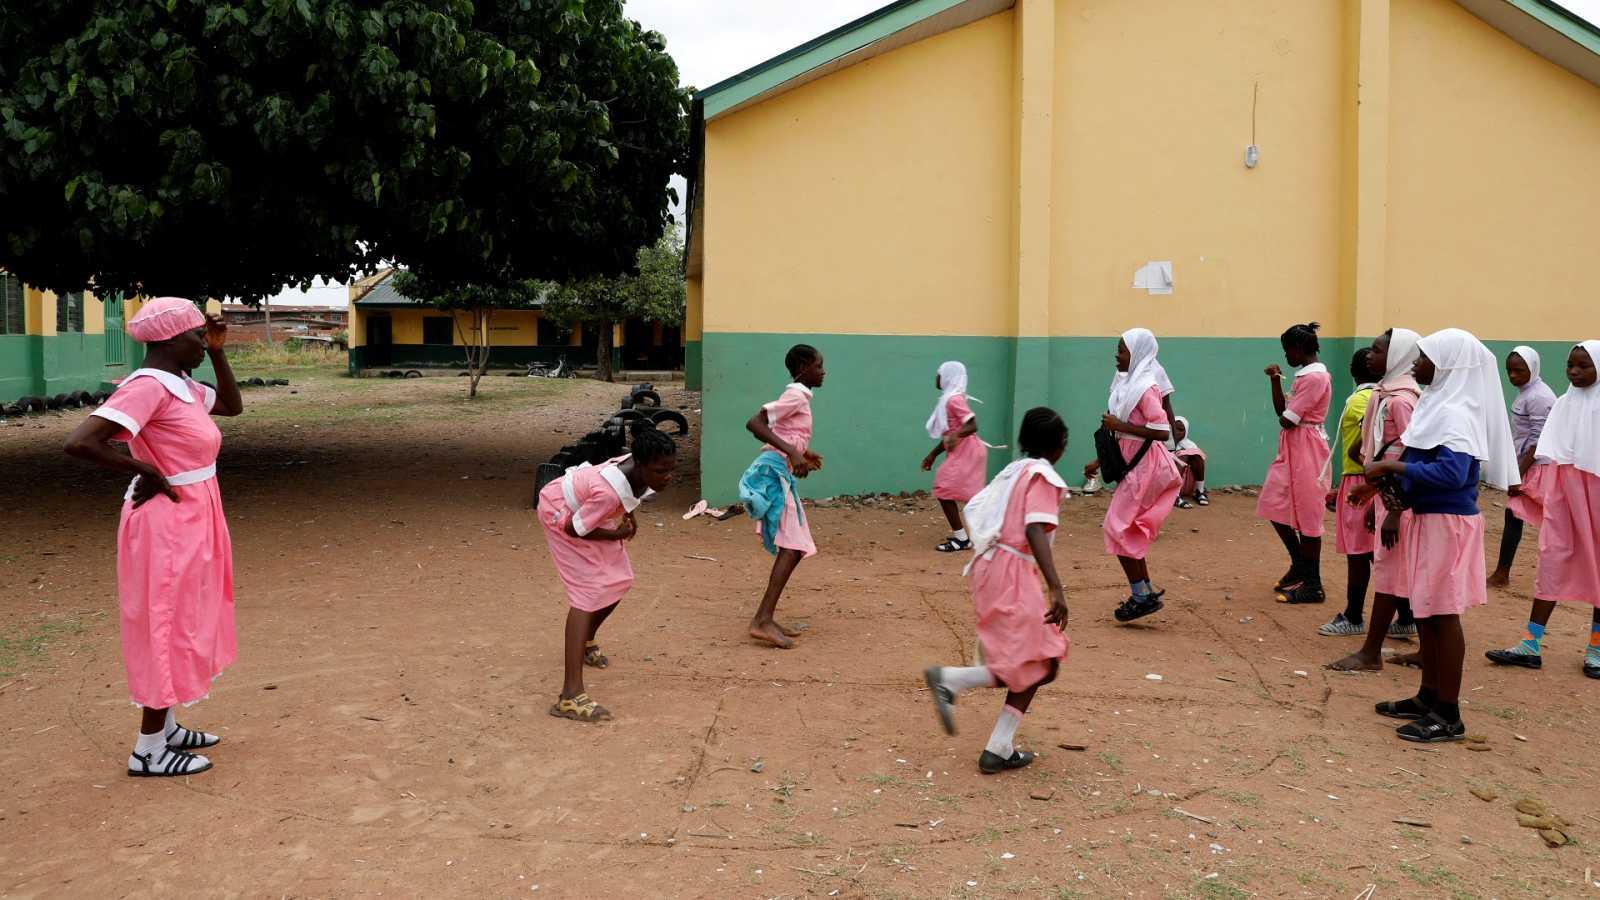 Reportajes 5 Continentes - Las consecuencias mentales de los secuestros en Nigeria - Escuchar ahora